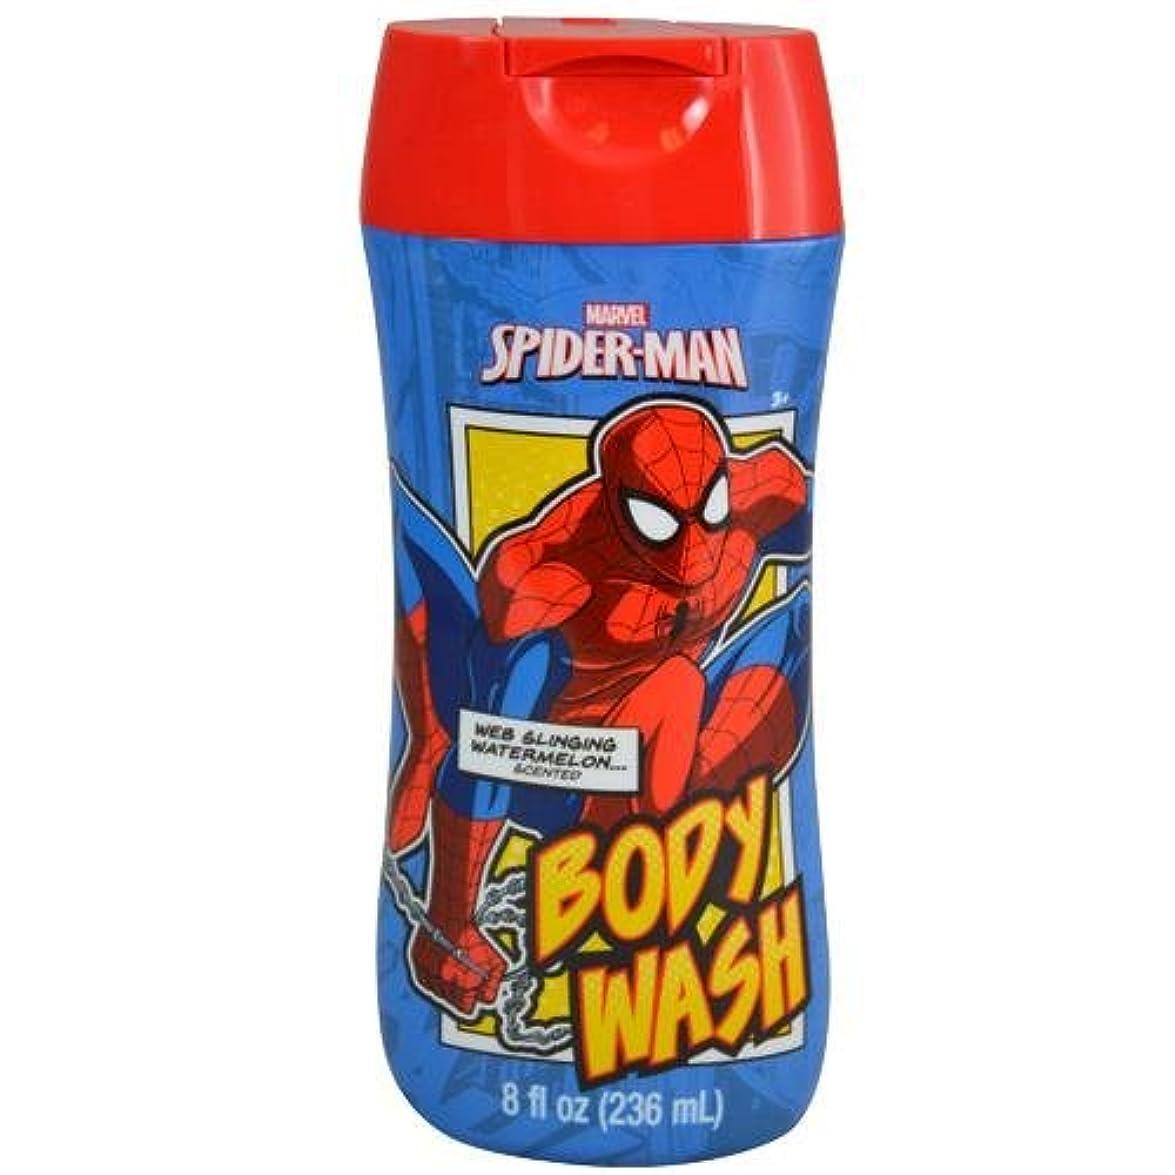 ラブウミウシ感嘆スパイダーマン SPIDER-MAN ボディーソープ 12185 MARVEL お風呂 ボディ ソープ 子供用 キッズ ボディソープ MARVEL ボディウォッシュ マーベル ボディーウォッシュ【即日?翌日発送】